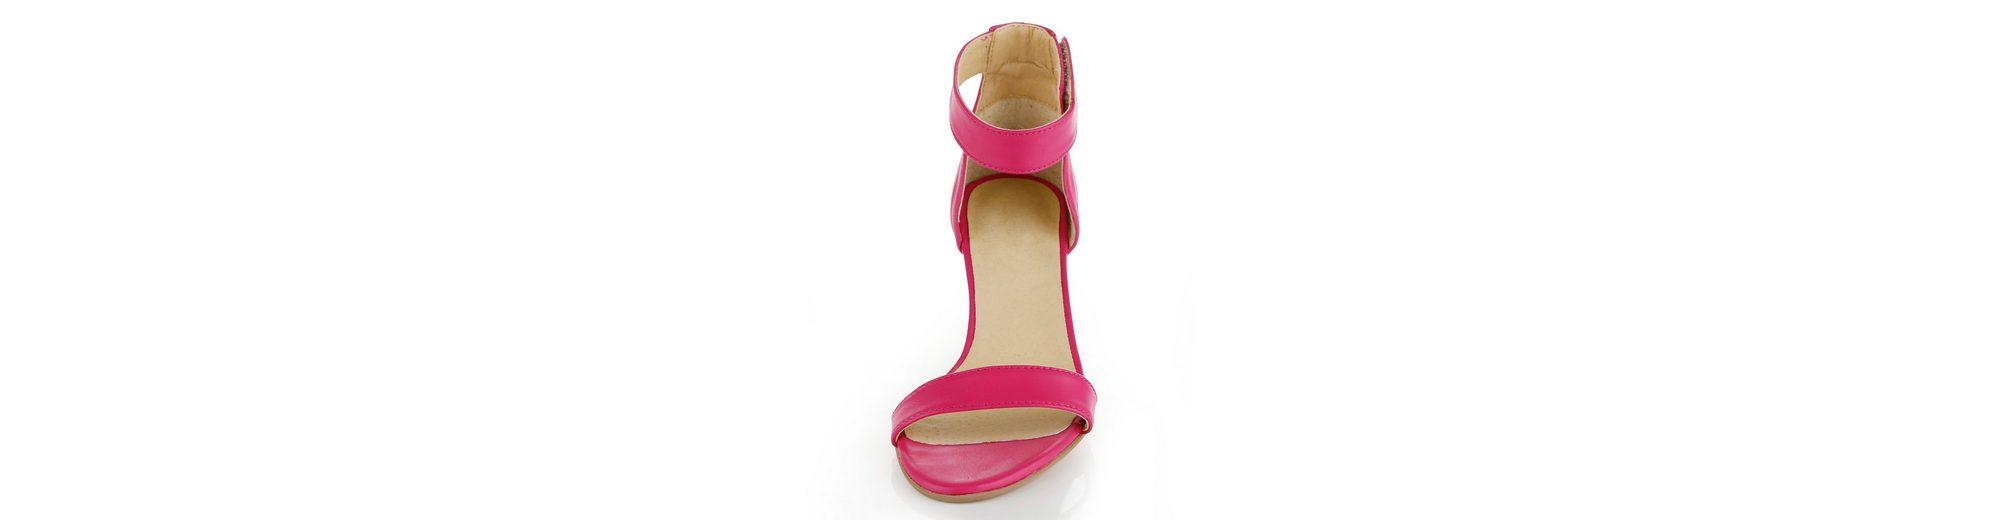 Alba Moda Sandalette mit Pfennigabsatz Zu Verkaufen Authentische Online Kaufen Rabatt Angebote Großer Verkauf 2018 Online nj4Dyu2o